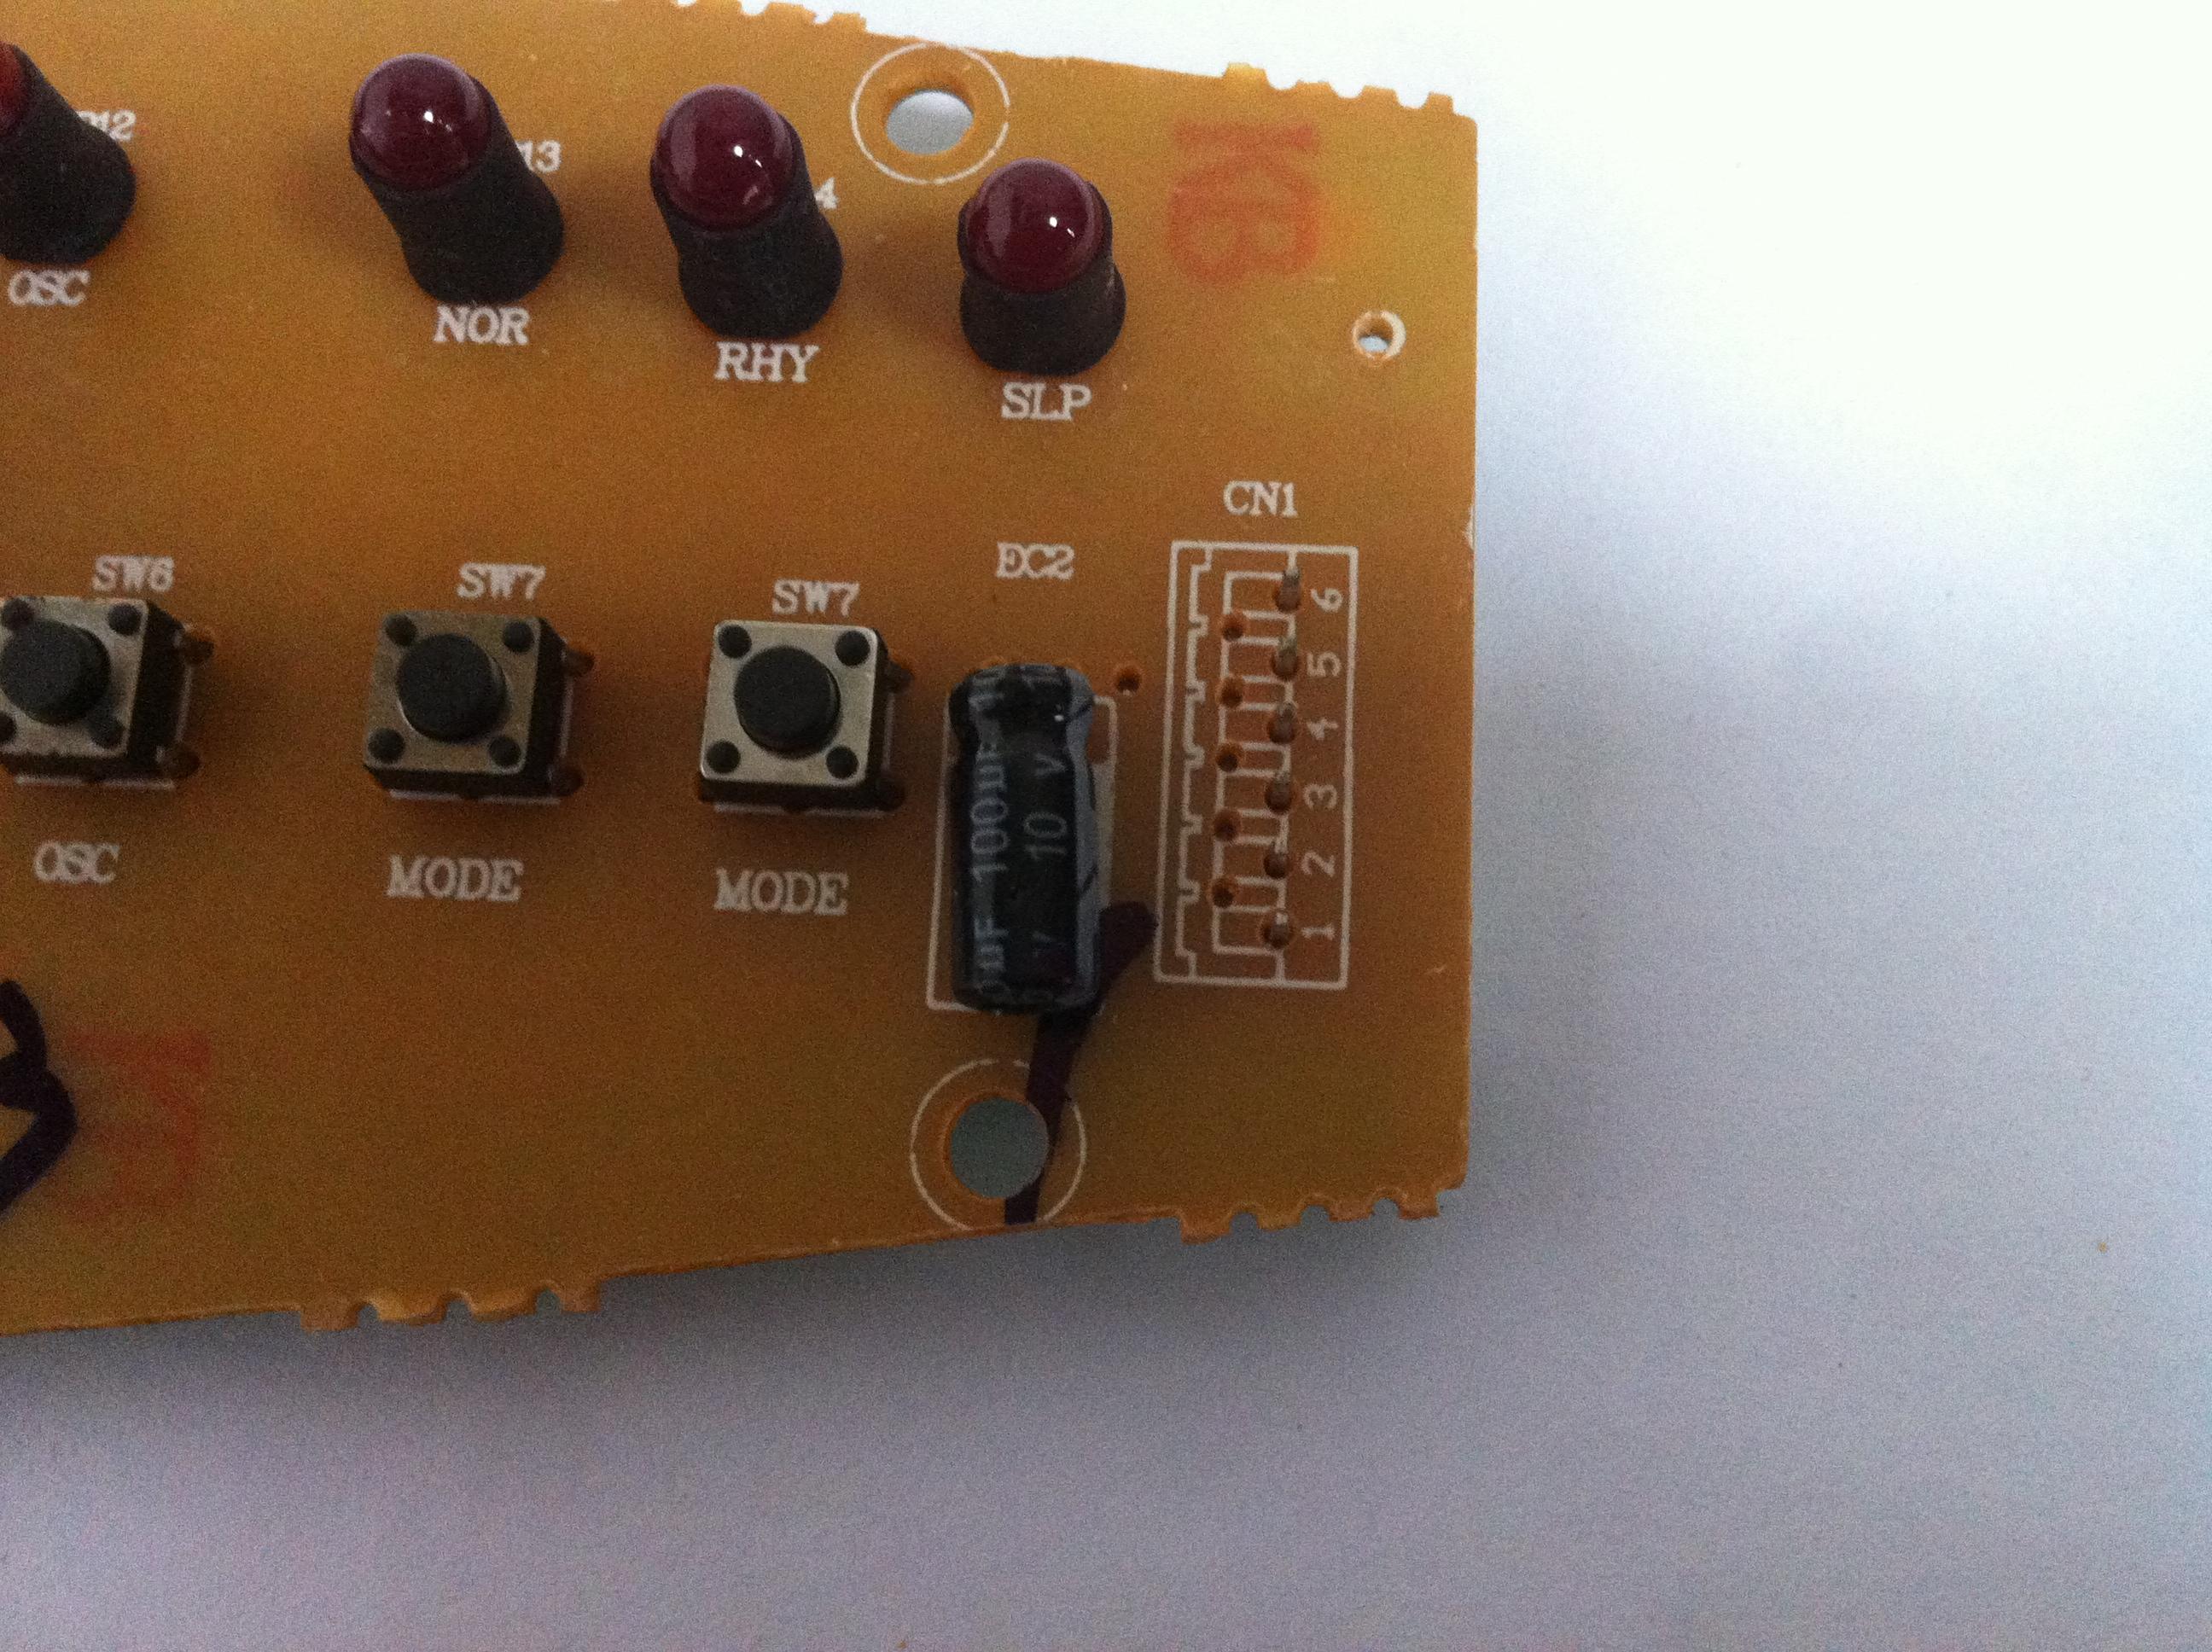 Pioneer και θέρμανσης, κλιματισμού φαν ανεμιστήρα ψύξης LRG04-11BR κύκλωμα ελέγχου ομάδας PCB